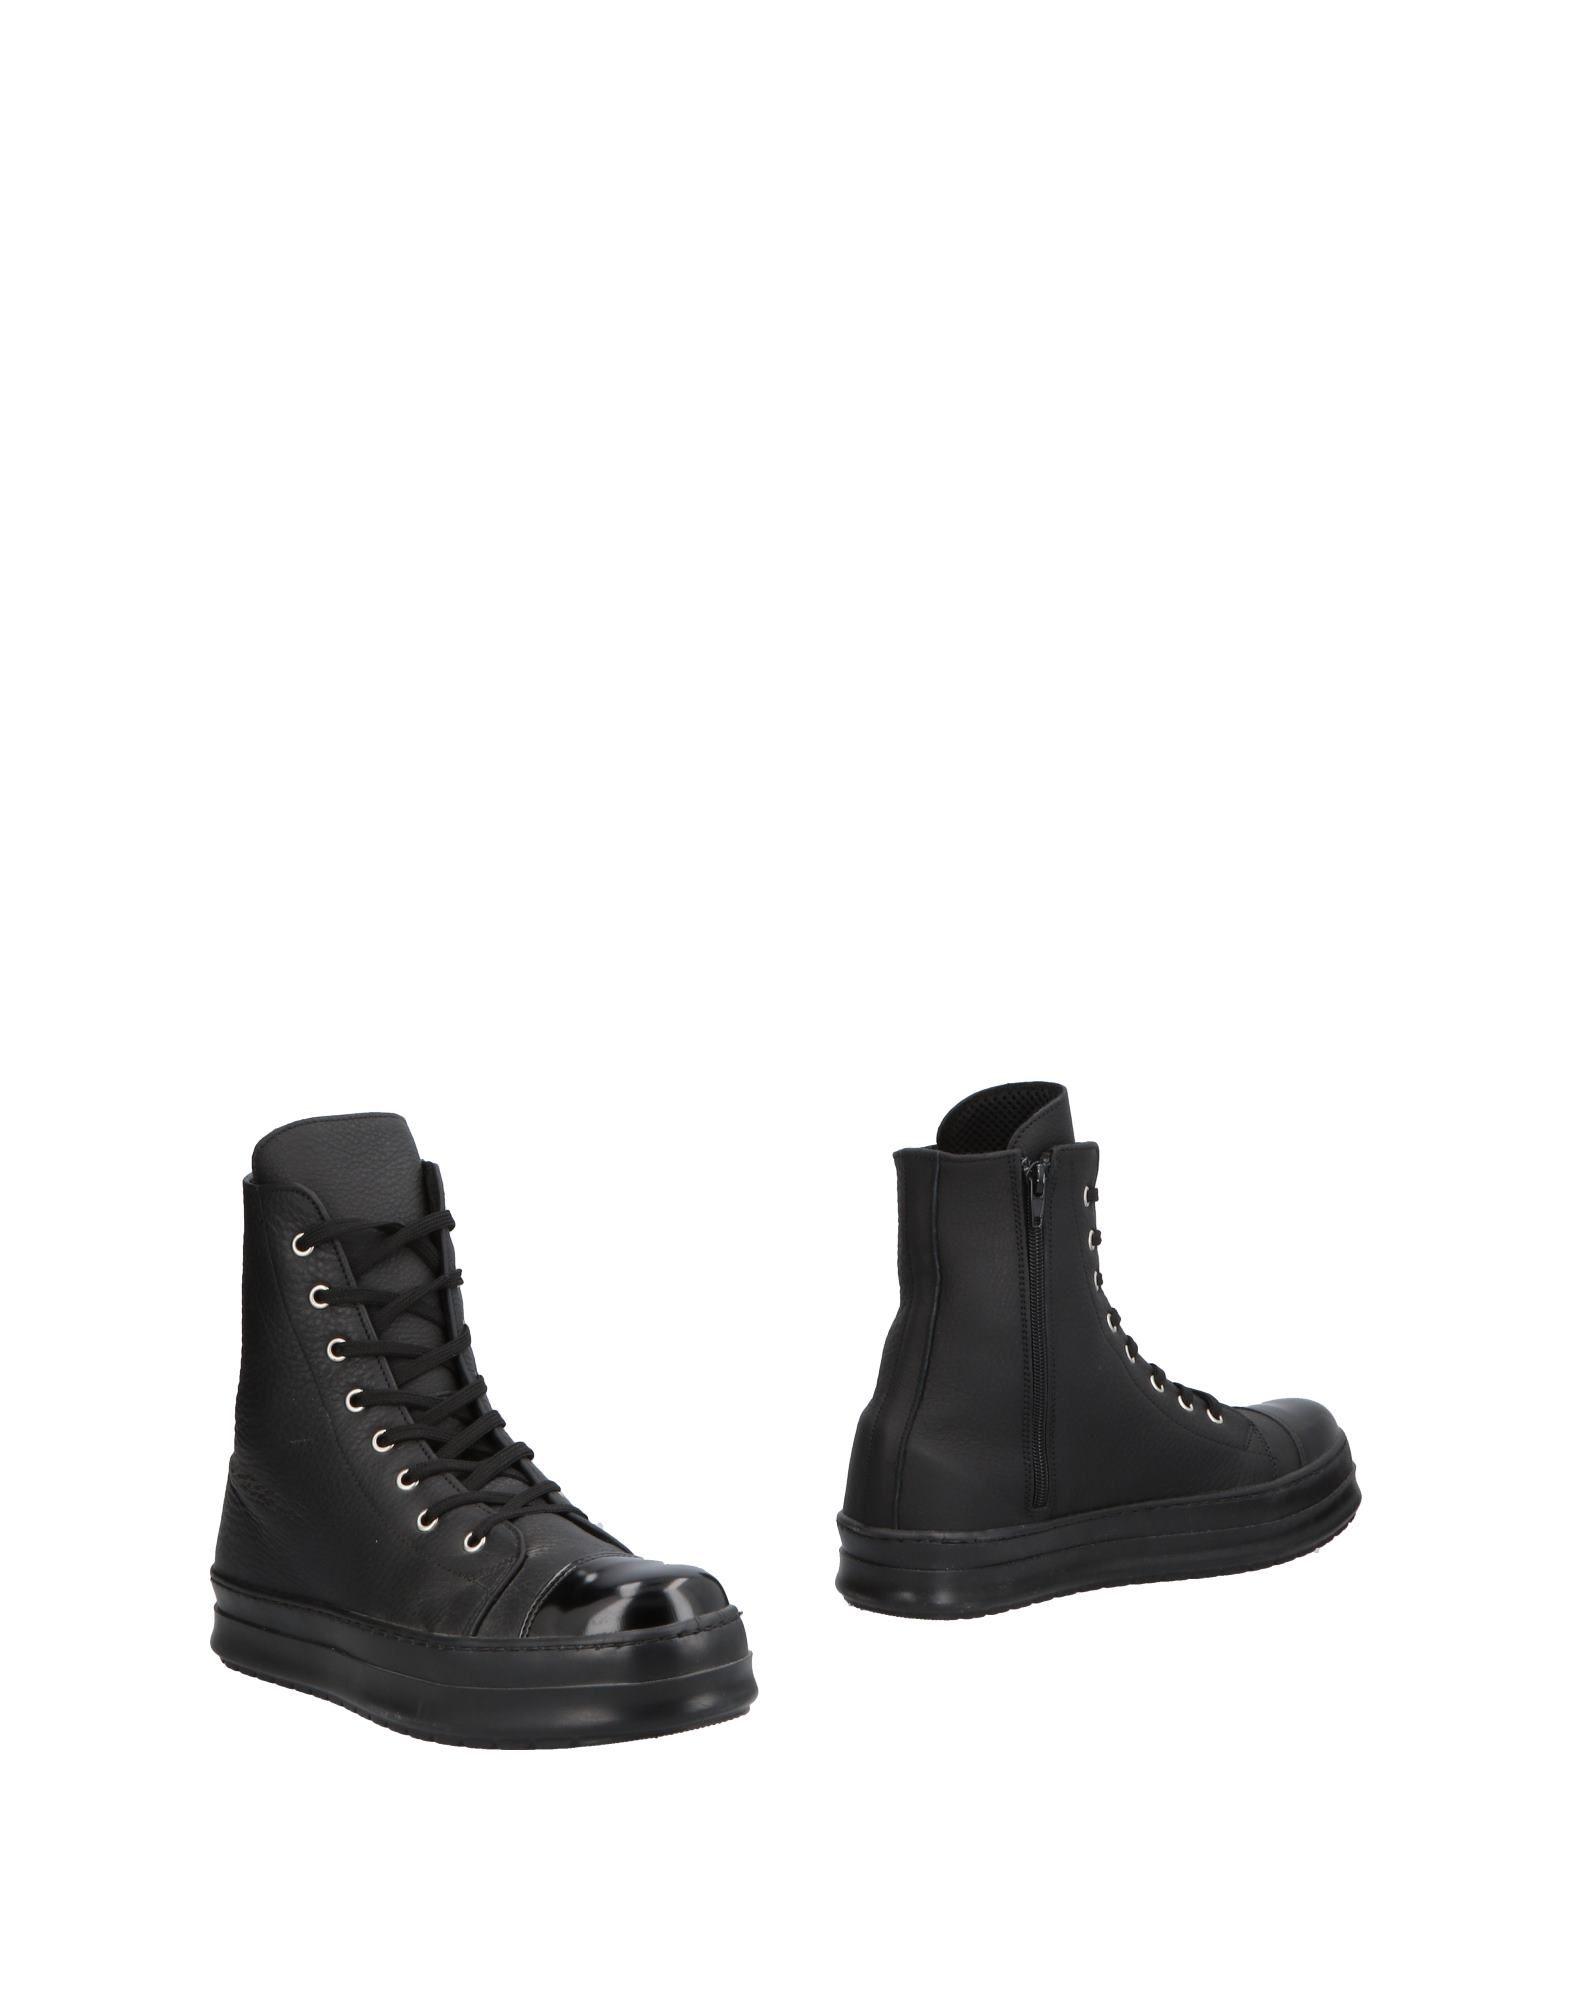 Tsd12 Stiefelette Herren  11504462EP Gute Qualität beliebte Schuhe